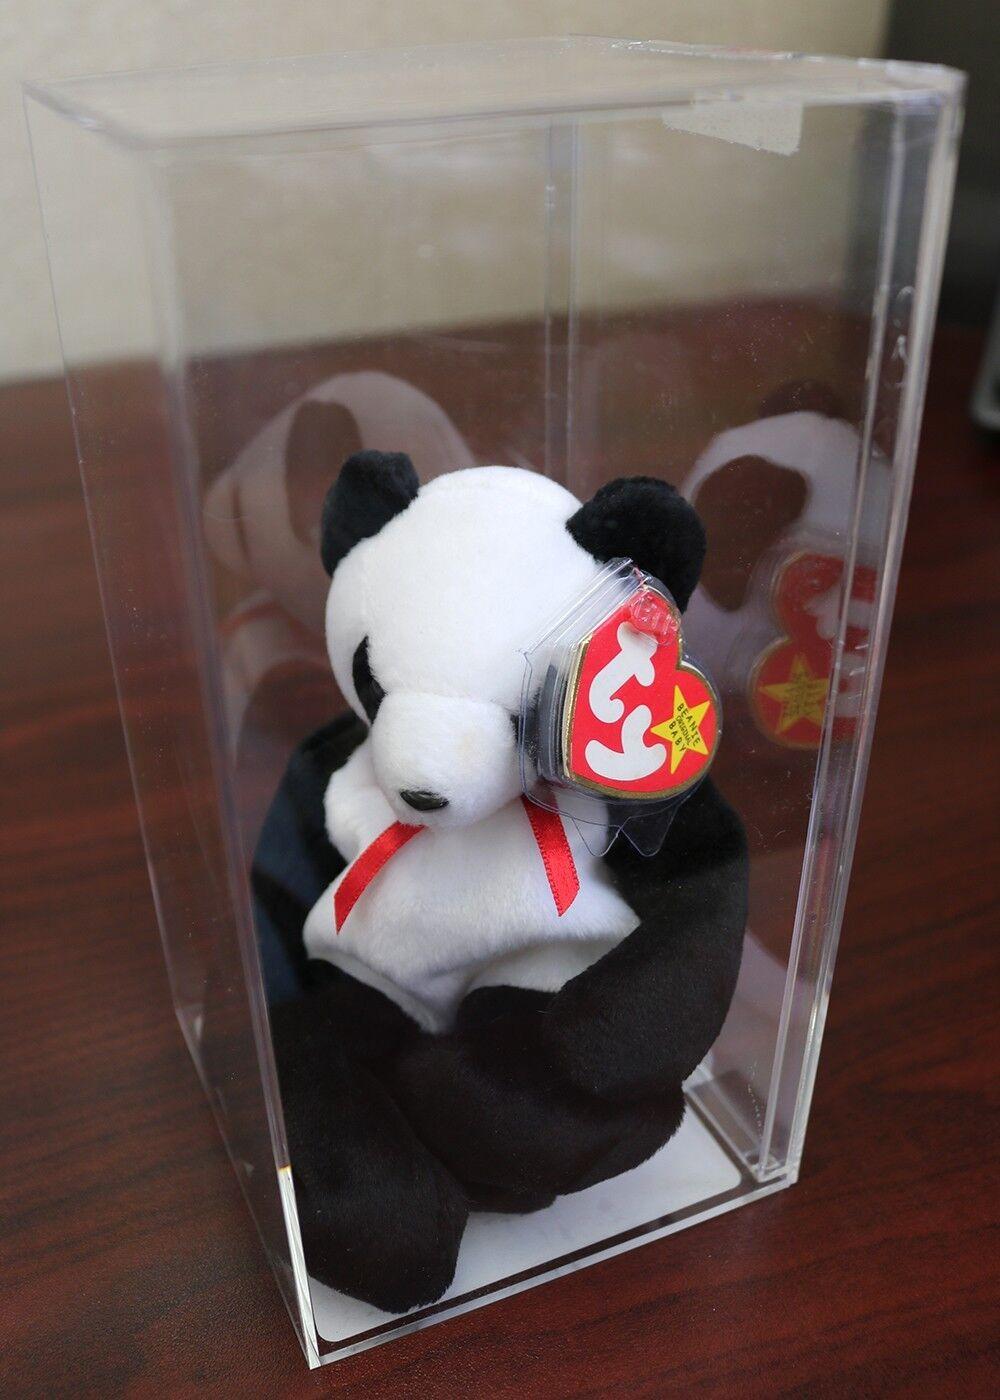 der panda beim vermögen - ty beanie baby - und pensionierte w   fehler